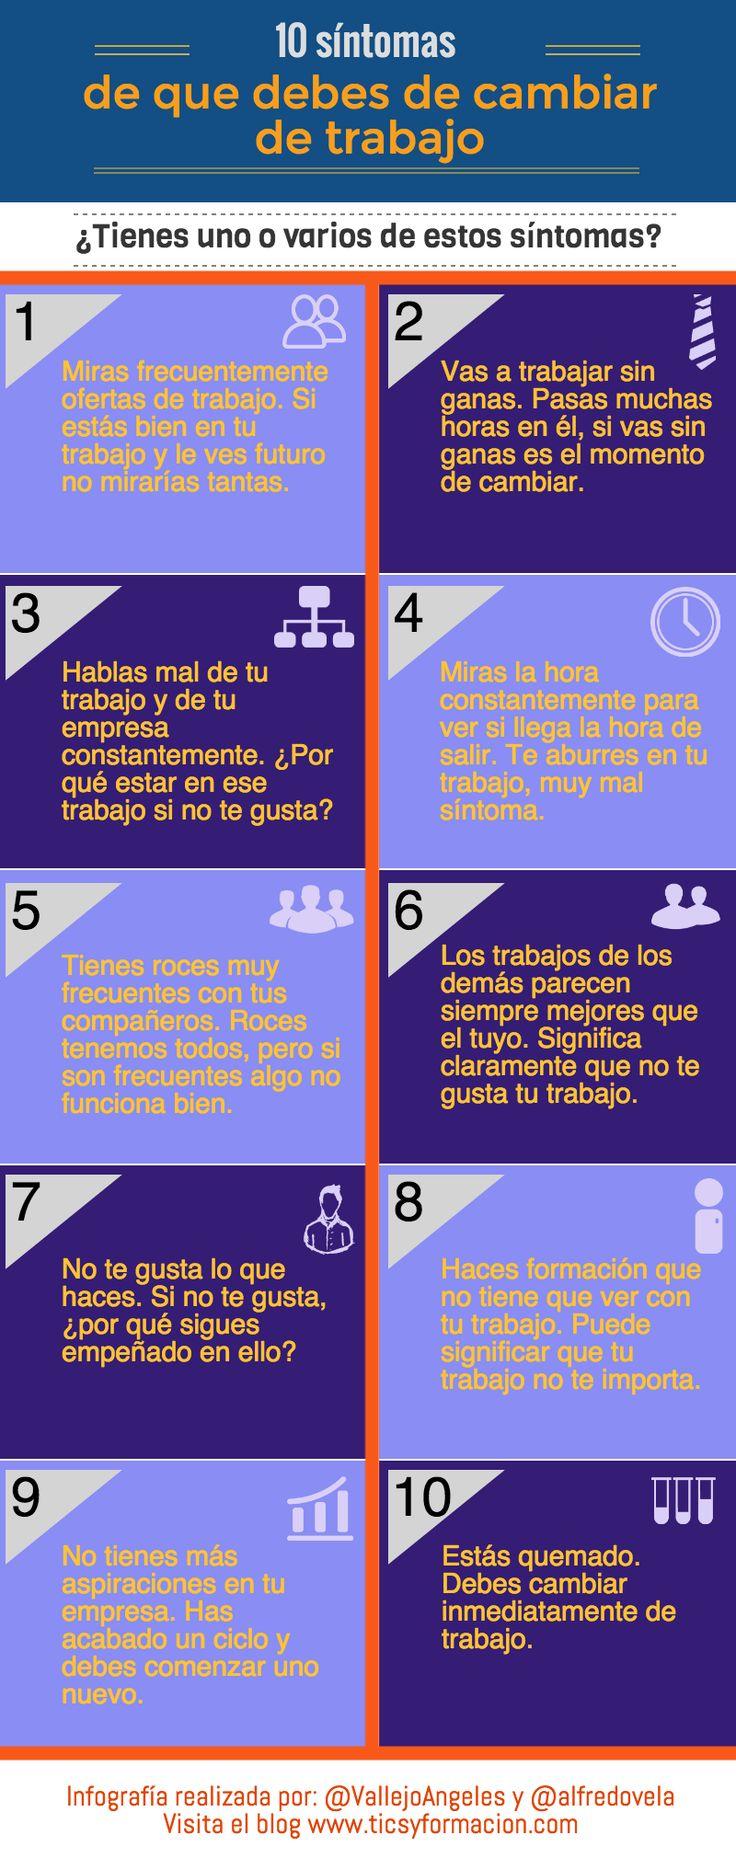 Hola: Una infografía con 10 síntomas de que debes cambiar de trabajo. Un saludo